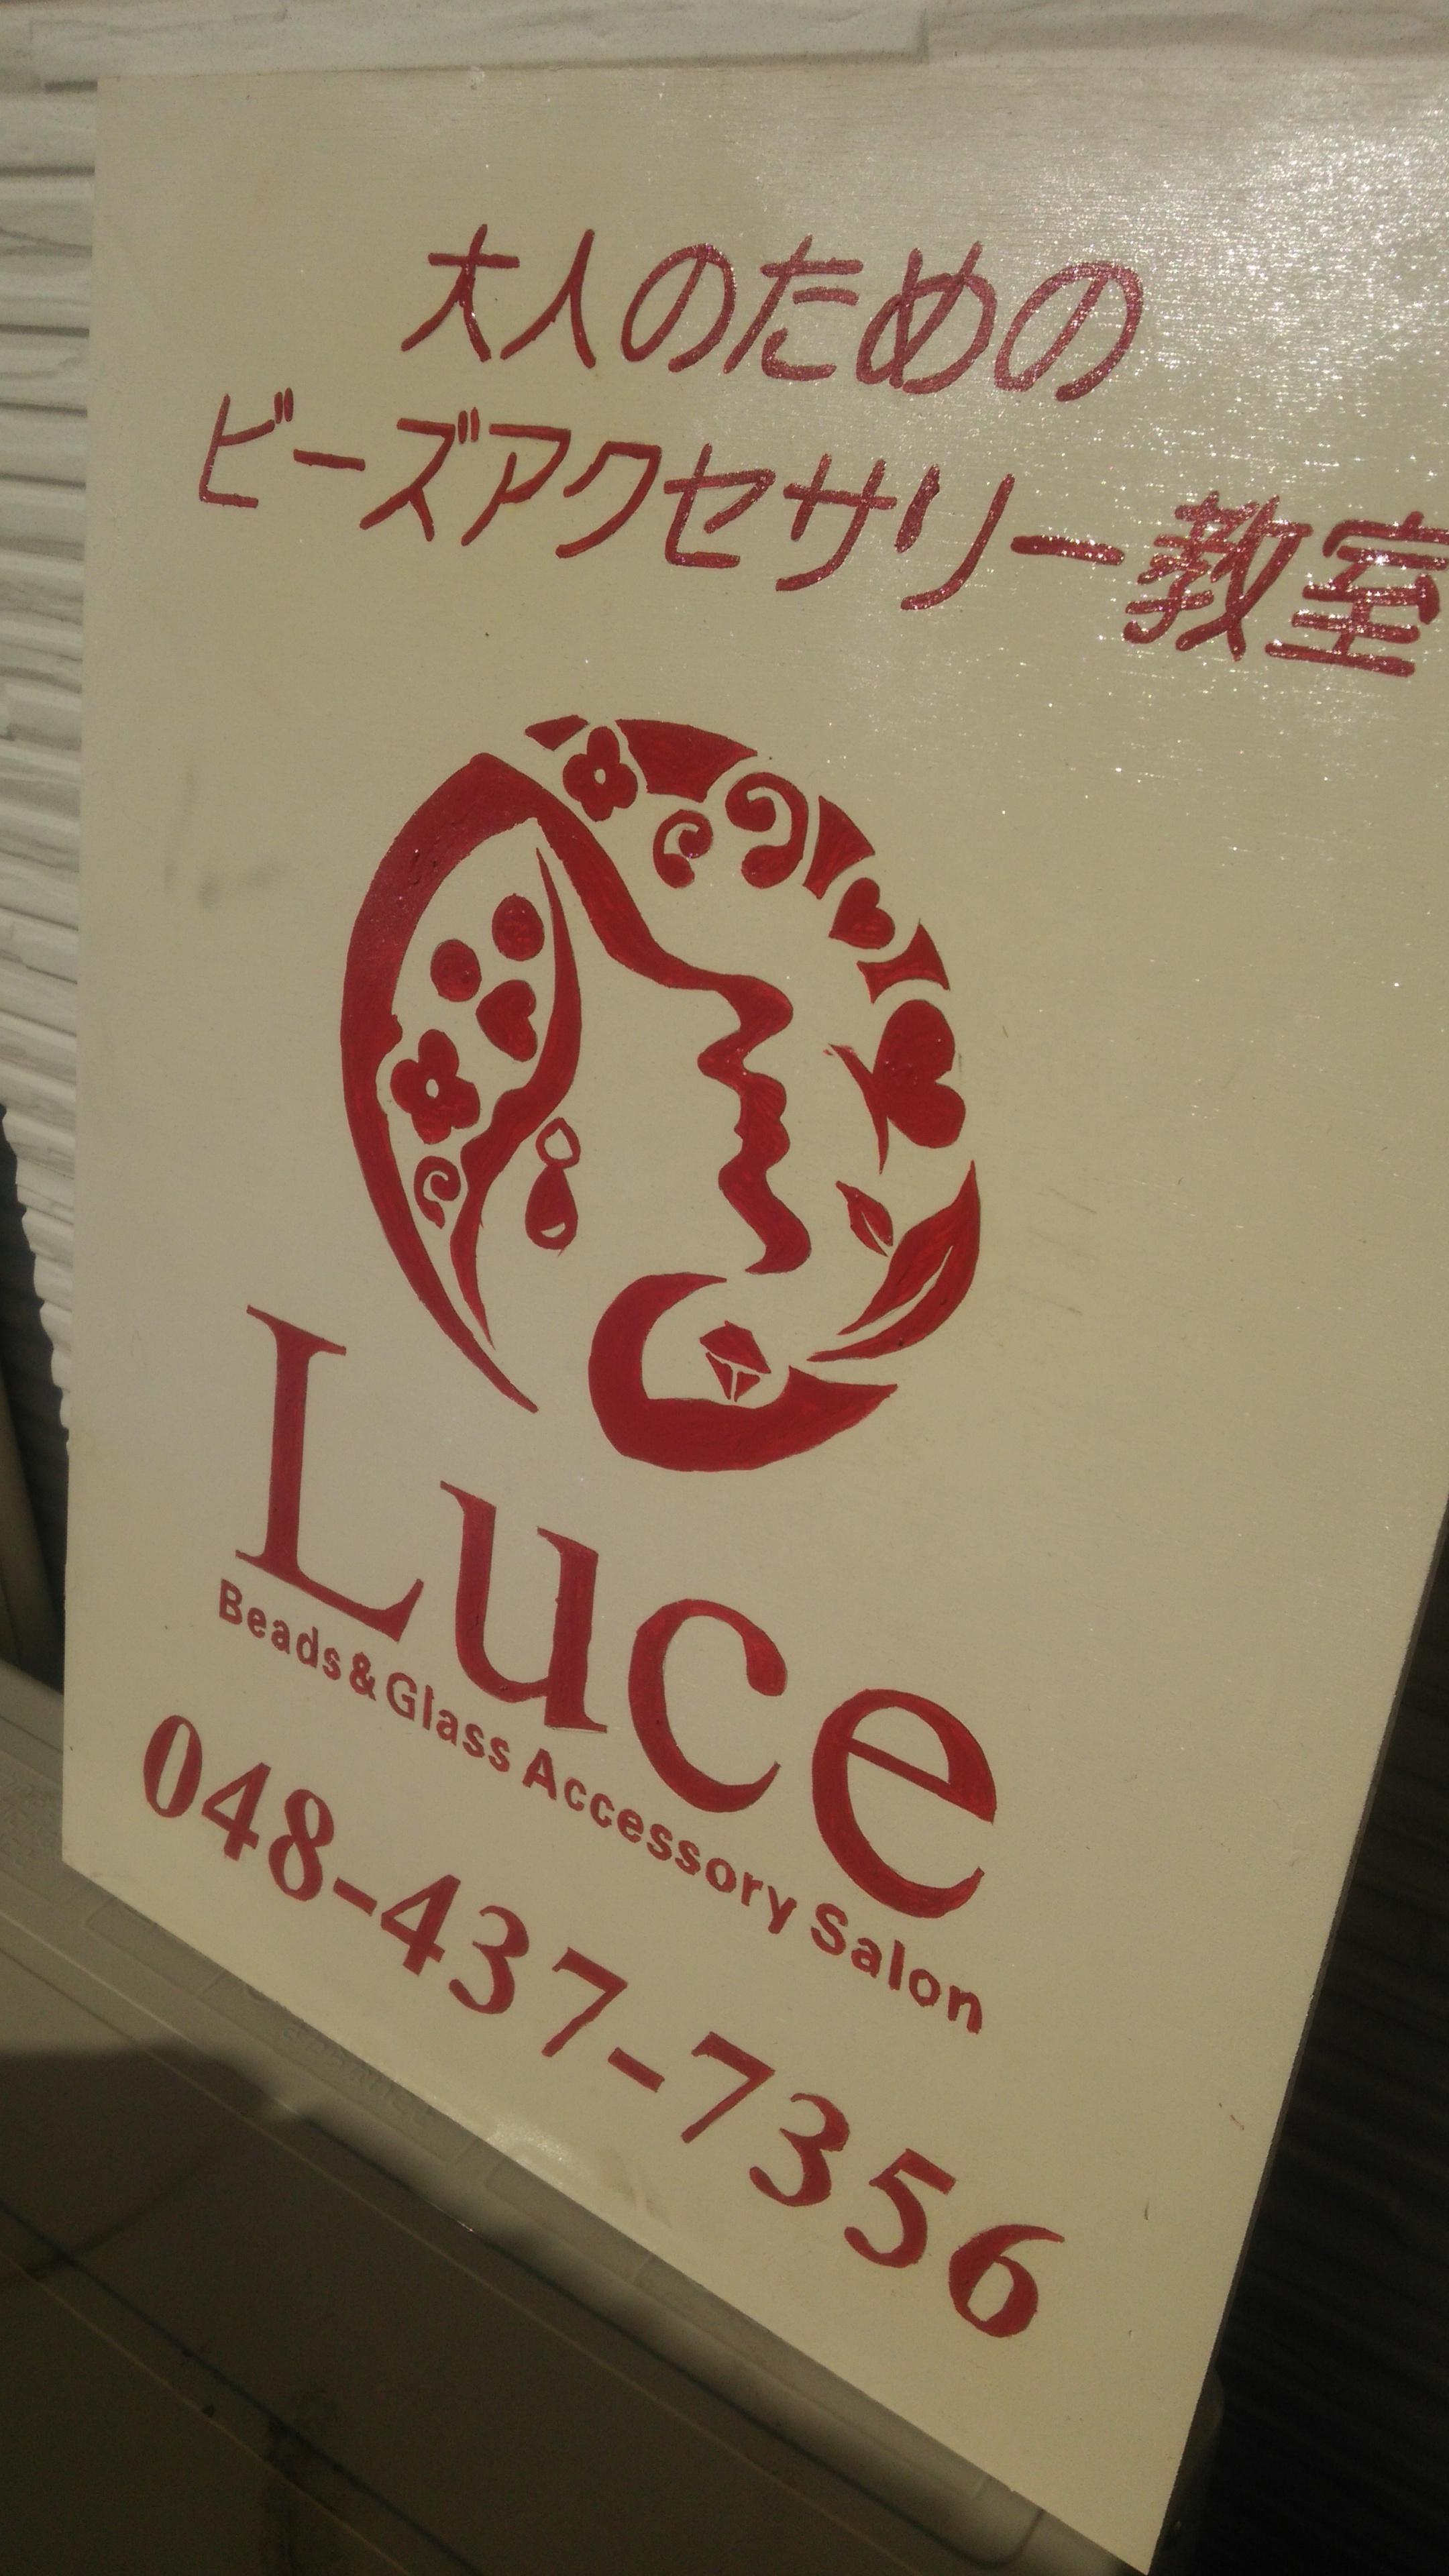 Luce看板